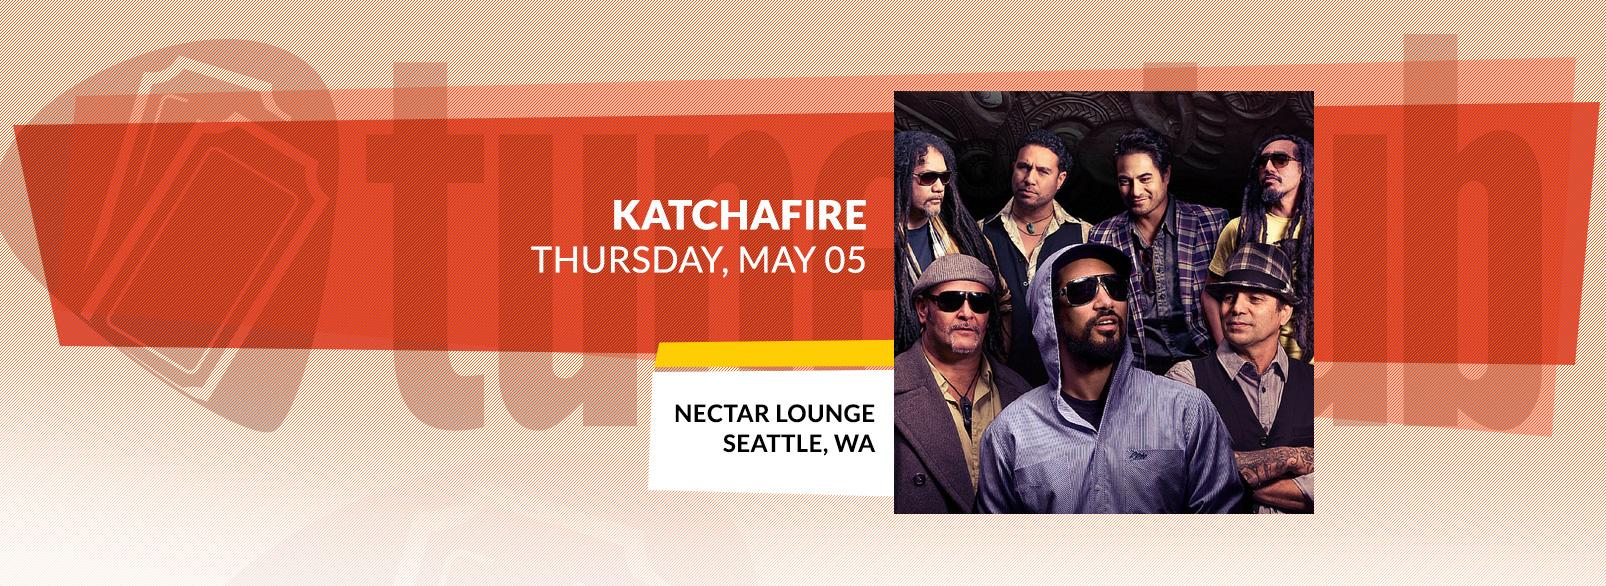 Katchafire @ Nectar Lounge